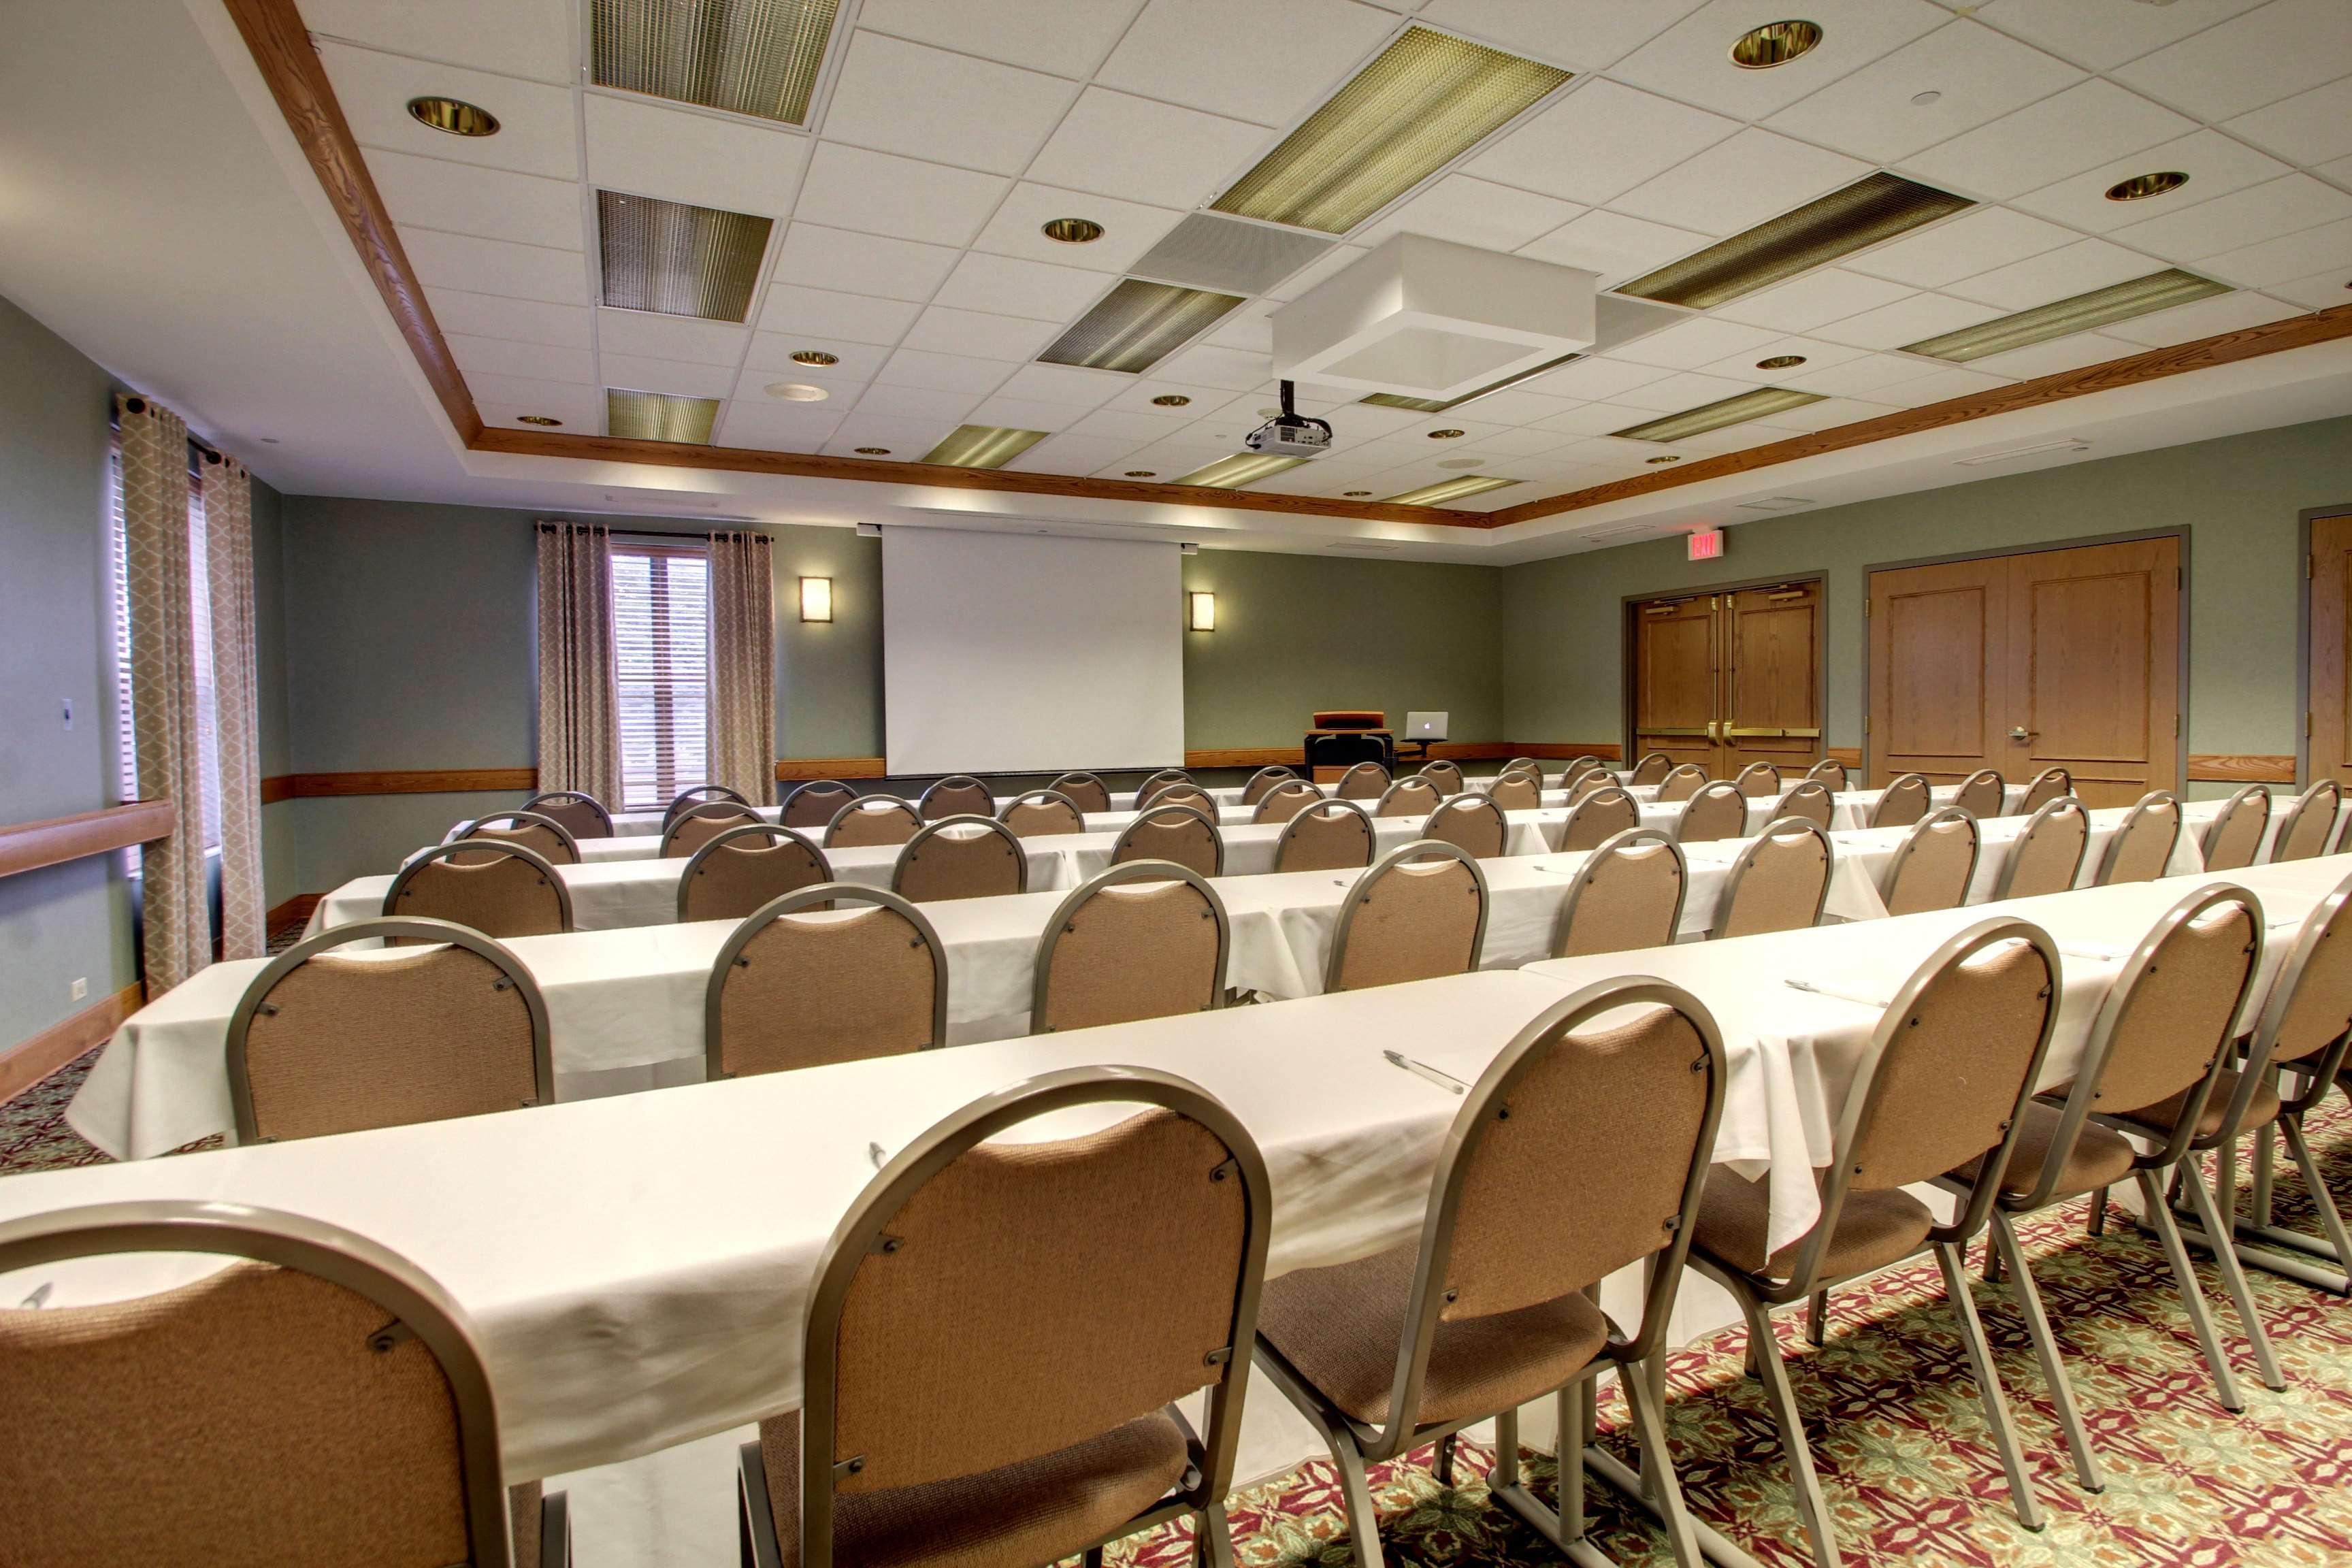 Hampton Inn & Suites Chicago/Aurora image 33